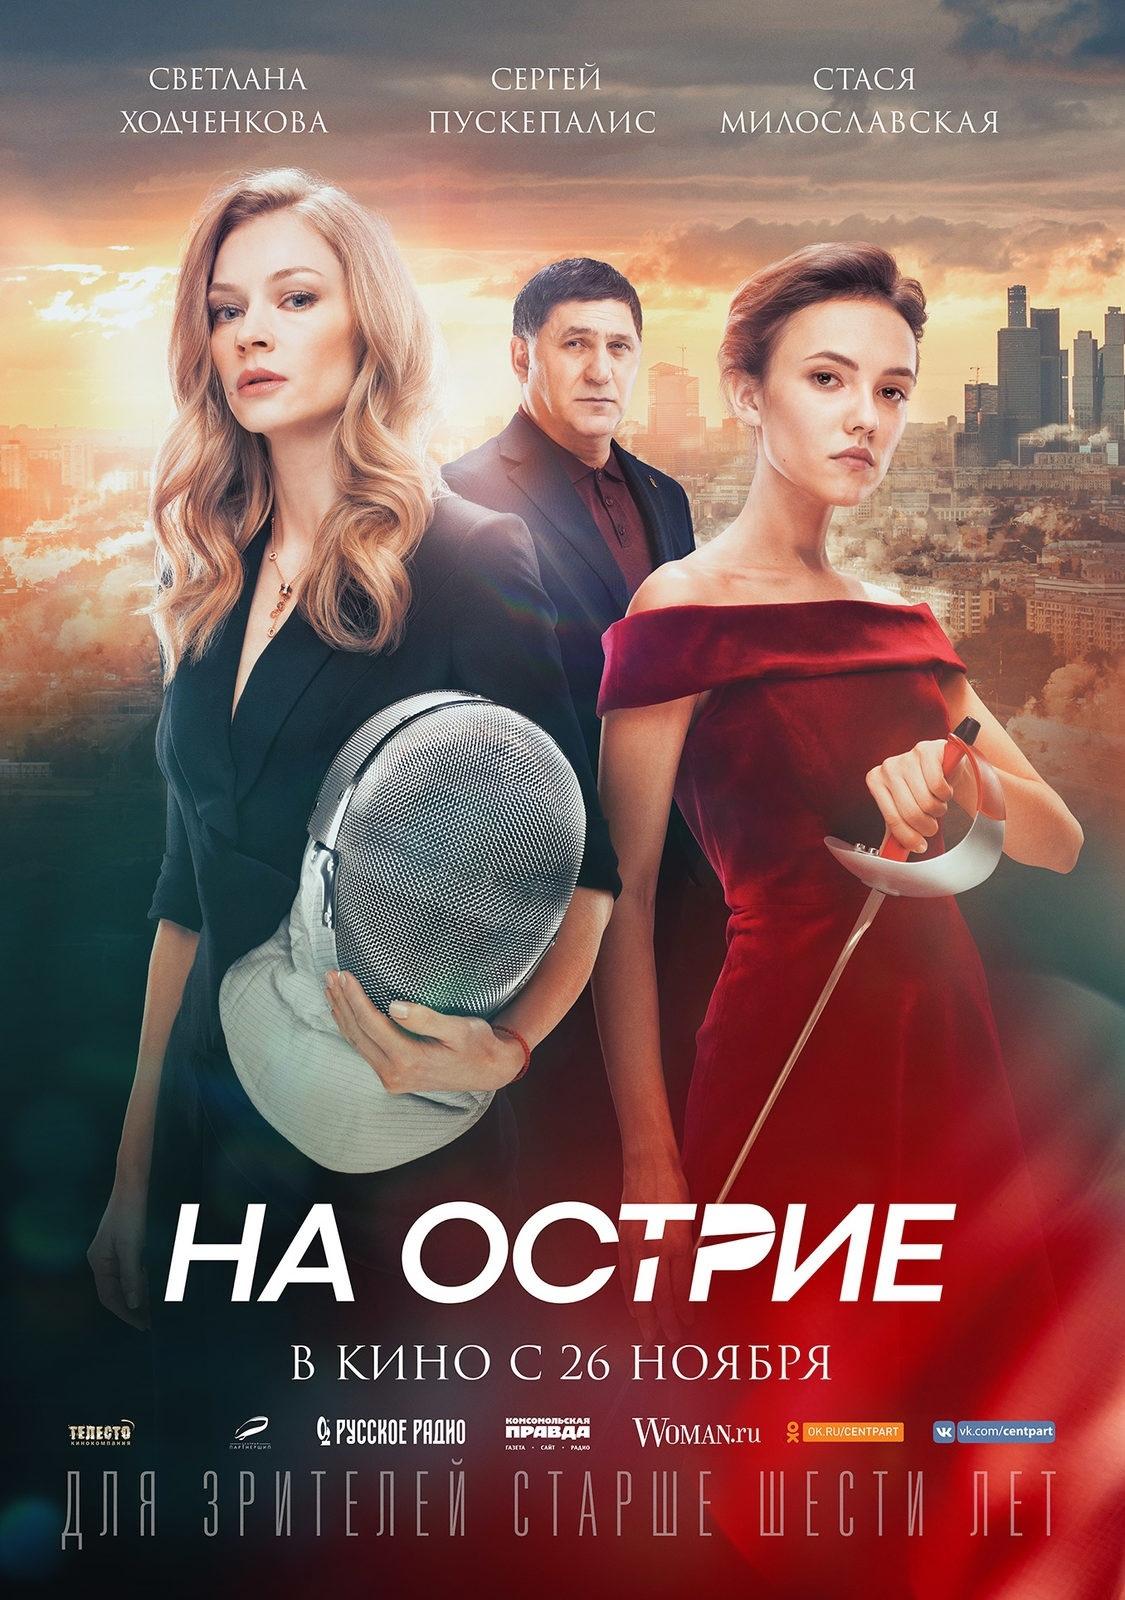 Спортивная драма «Ha ocтpиe» (2020) HD